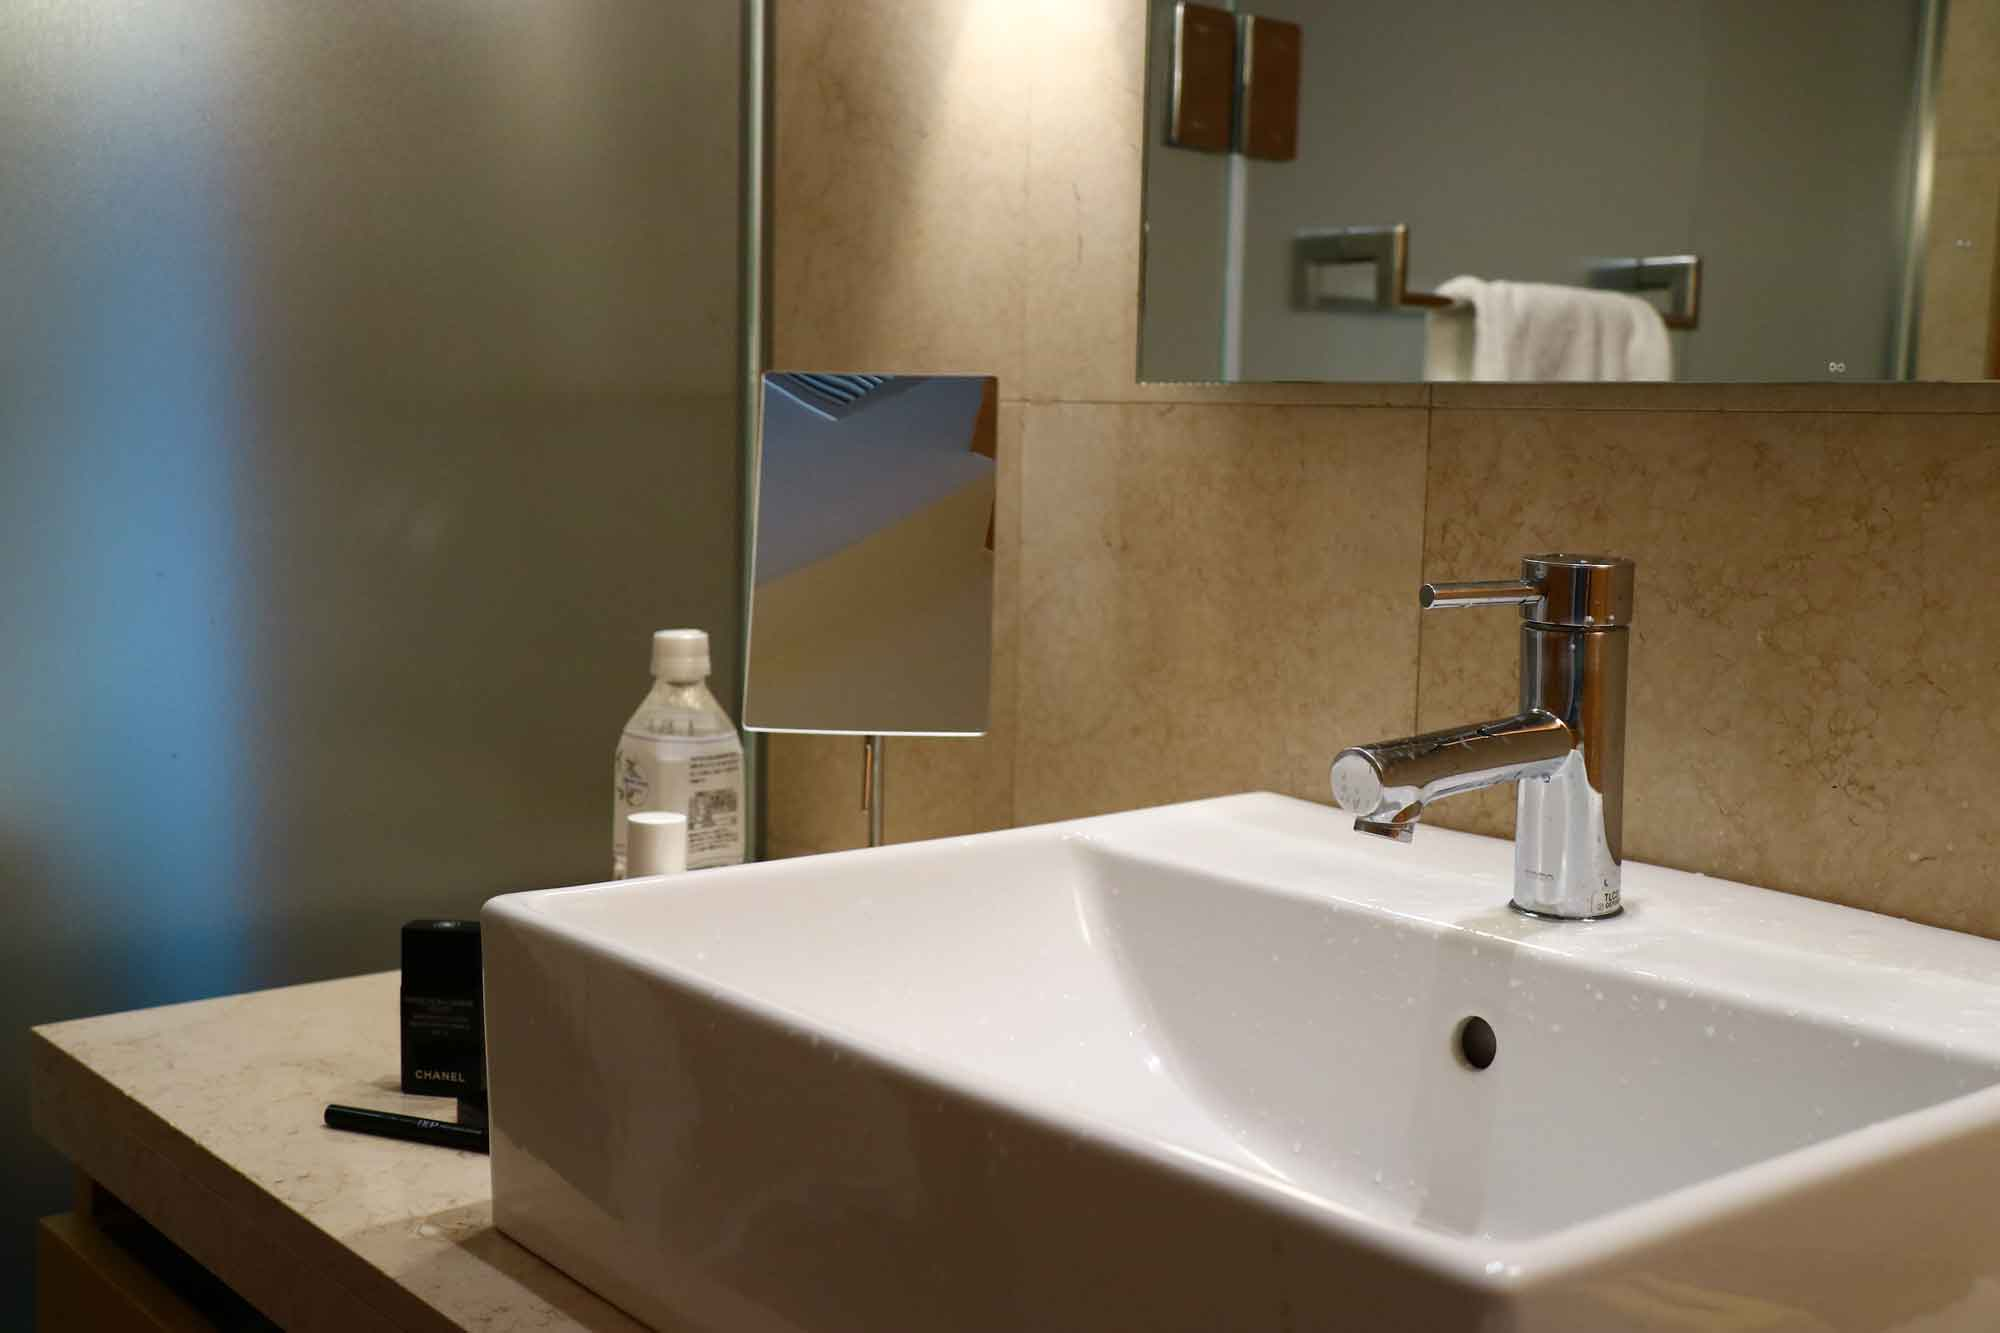 ホテルのバスルームにある拡大鏡は何のため?